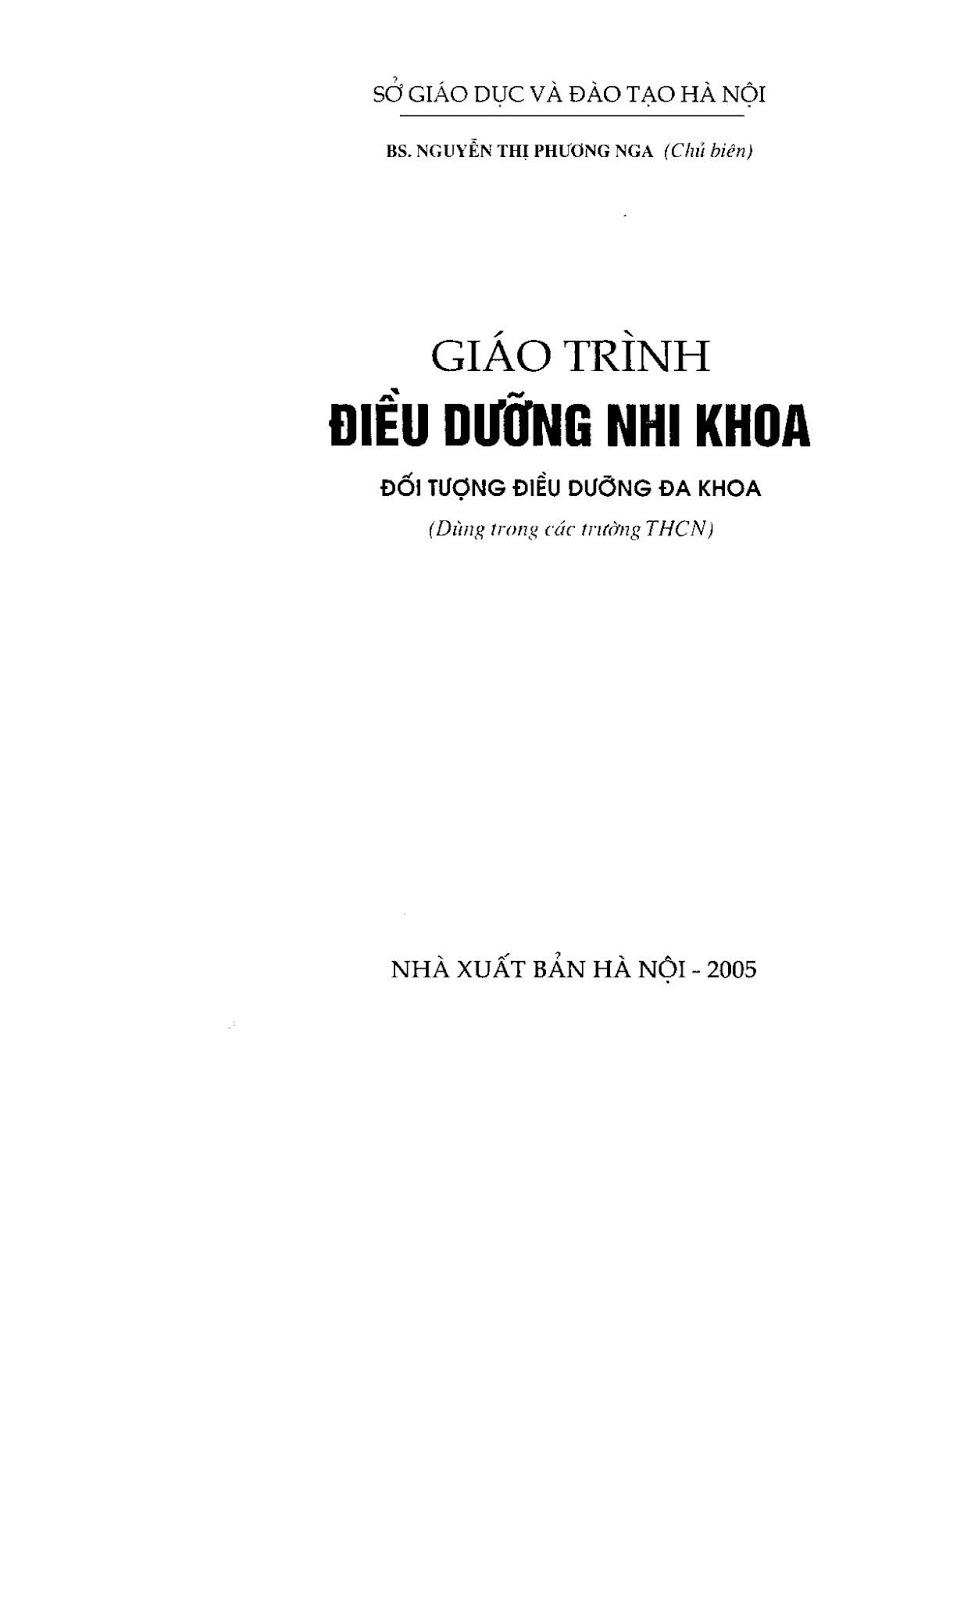 Trang 2 sach Giáo trình điều dưỡng Nhi khoa - NXB Hà Nội 2005